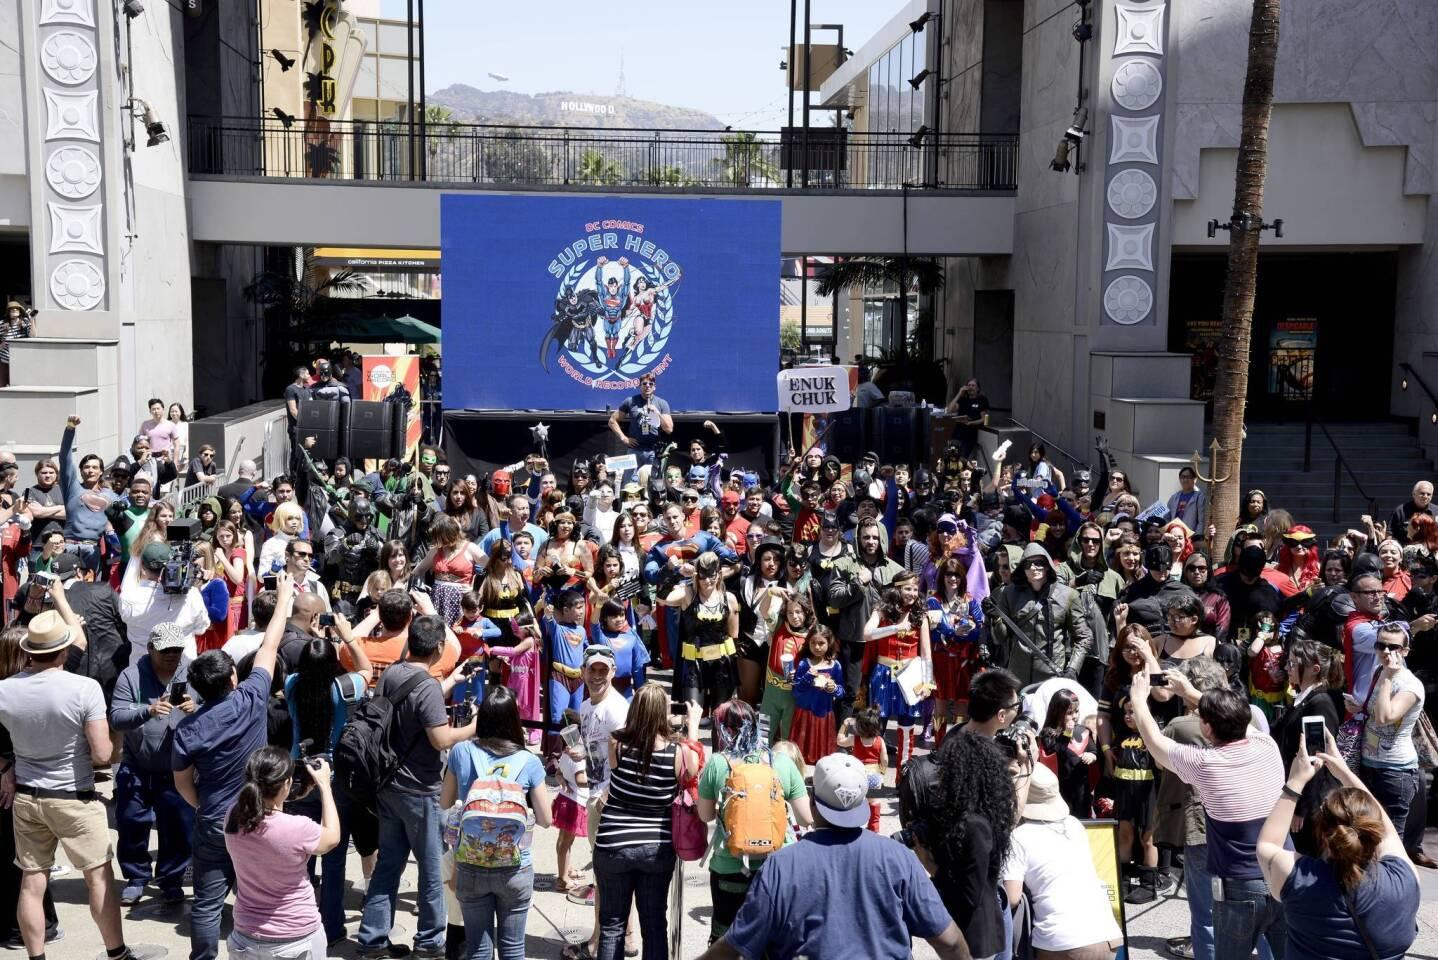 Cientos de fans posan en Los Ángeles durante el evento realizado alrededor del mundo para establecer un Récord Mundial Guinness con la mayor congregación de personas vestidas como Súper Héroes de DC Comics, en un período de 24 horas.